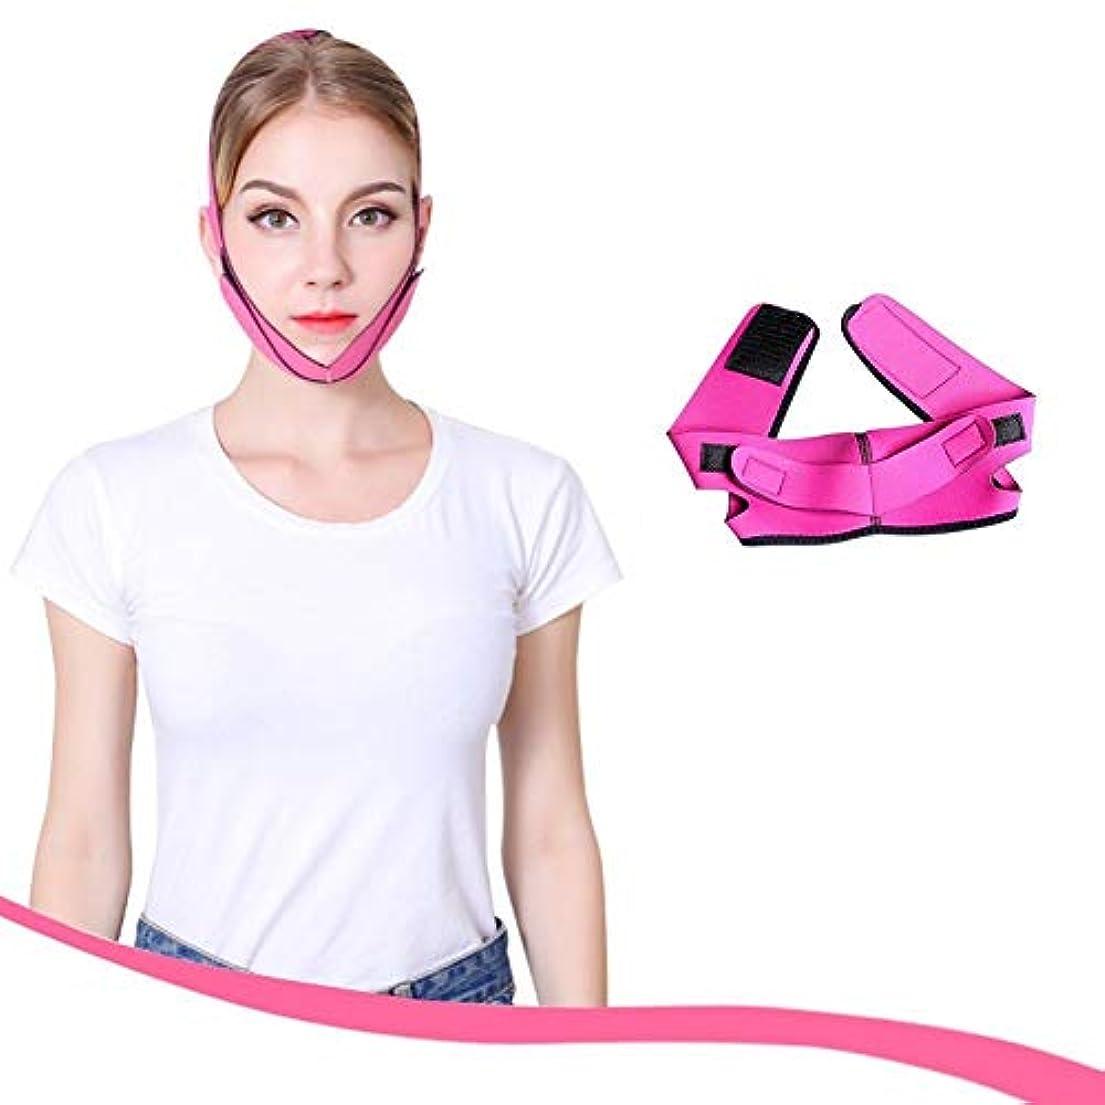 ぞっとするような対処するボートWSJTT 顔包帯顔スリムは二重あごをなくす女性と女の子のためのベルトフェイスマッサージツールをリフティングVラインフェイスシェイプチンチークリフトアップアンチリンクルを作成します。